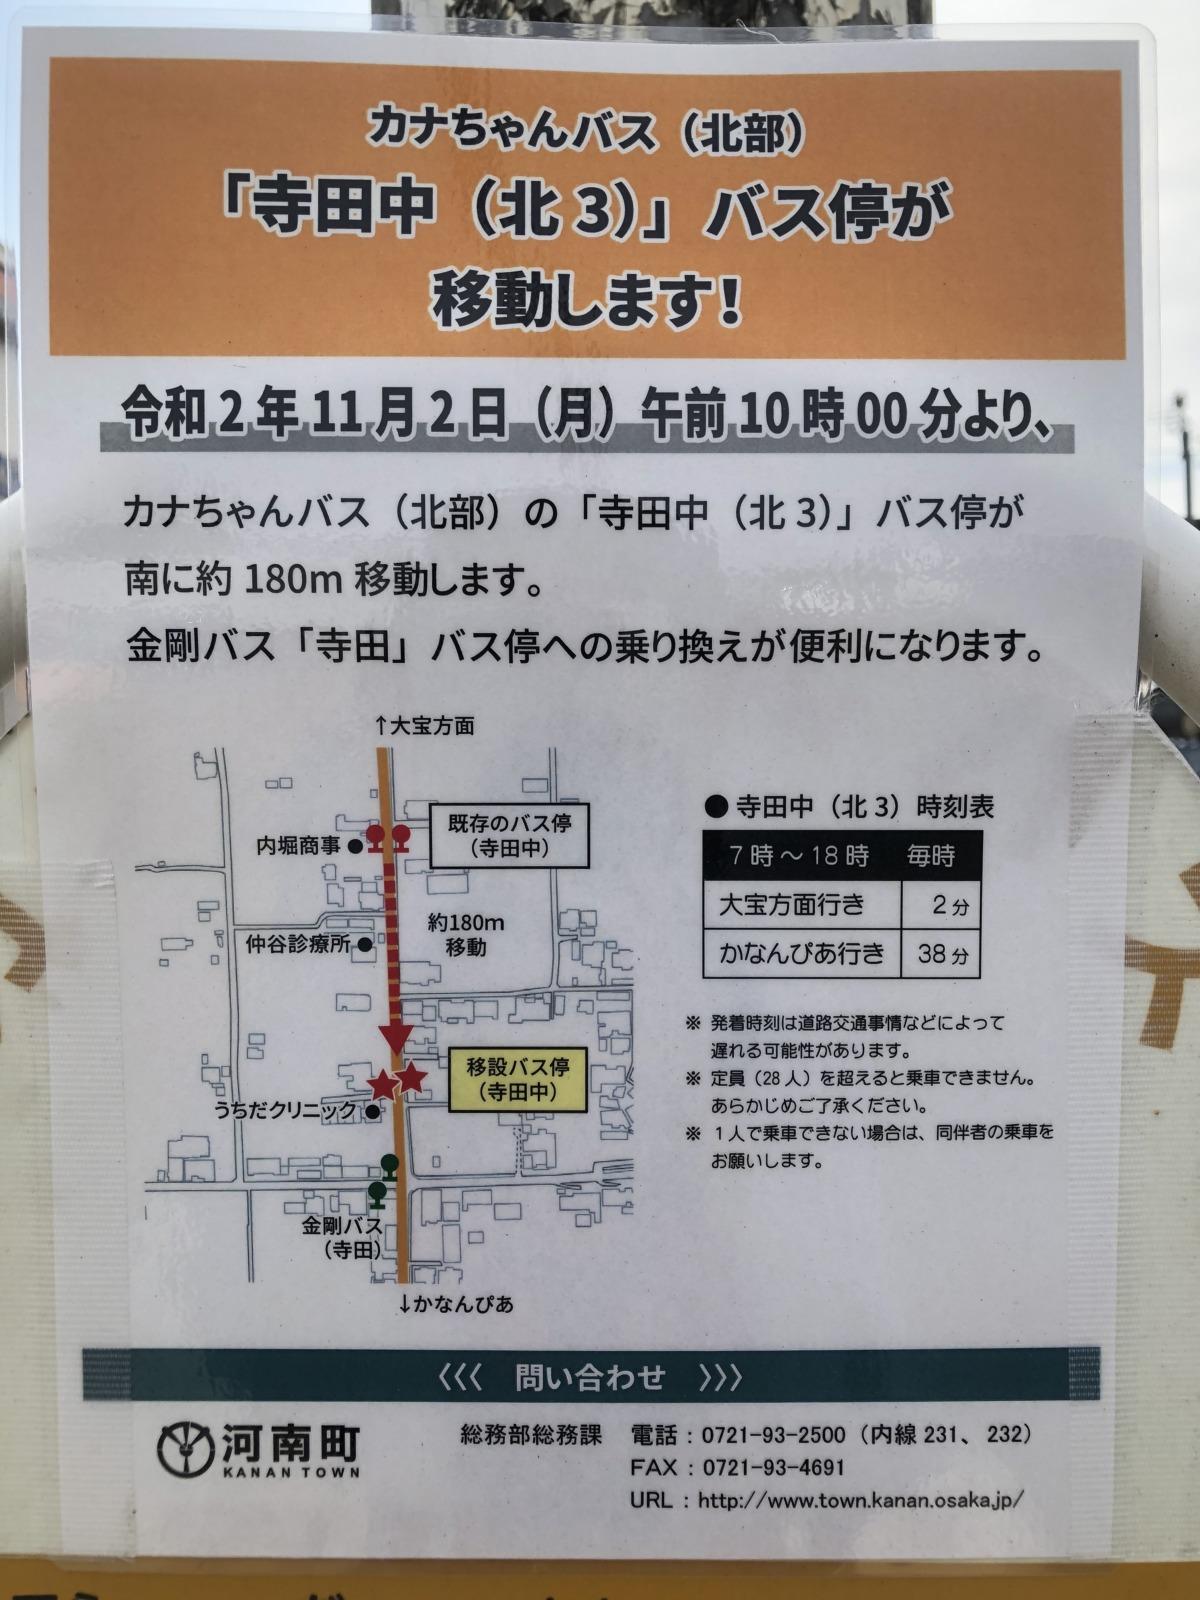 【2020.11/2(月)午前10時〜移動!】南河内郡・河南町のカナちゃんバス「寺田中」のバス停が移動するみたい!: